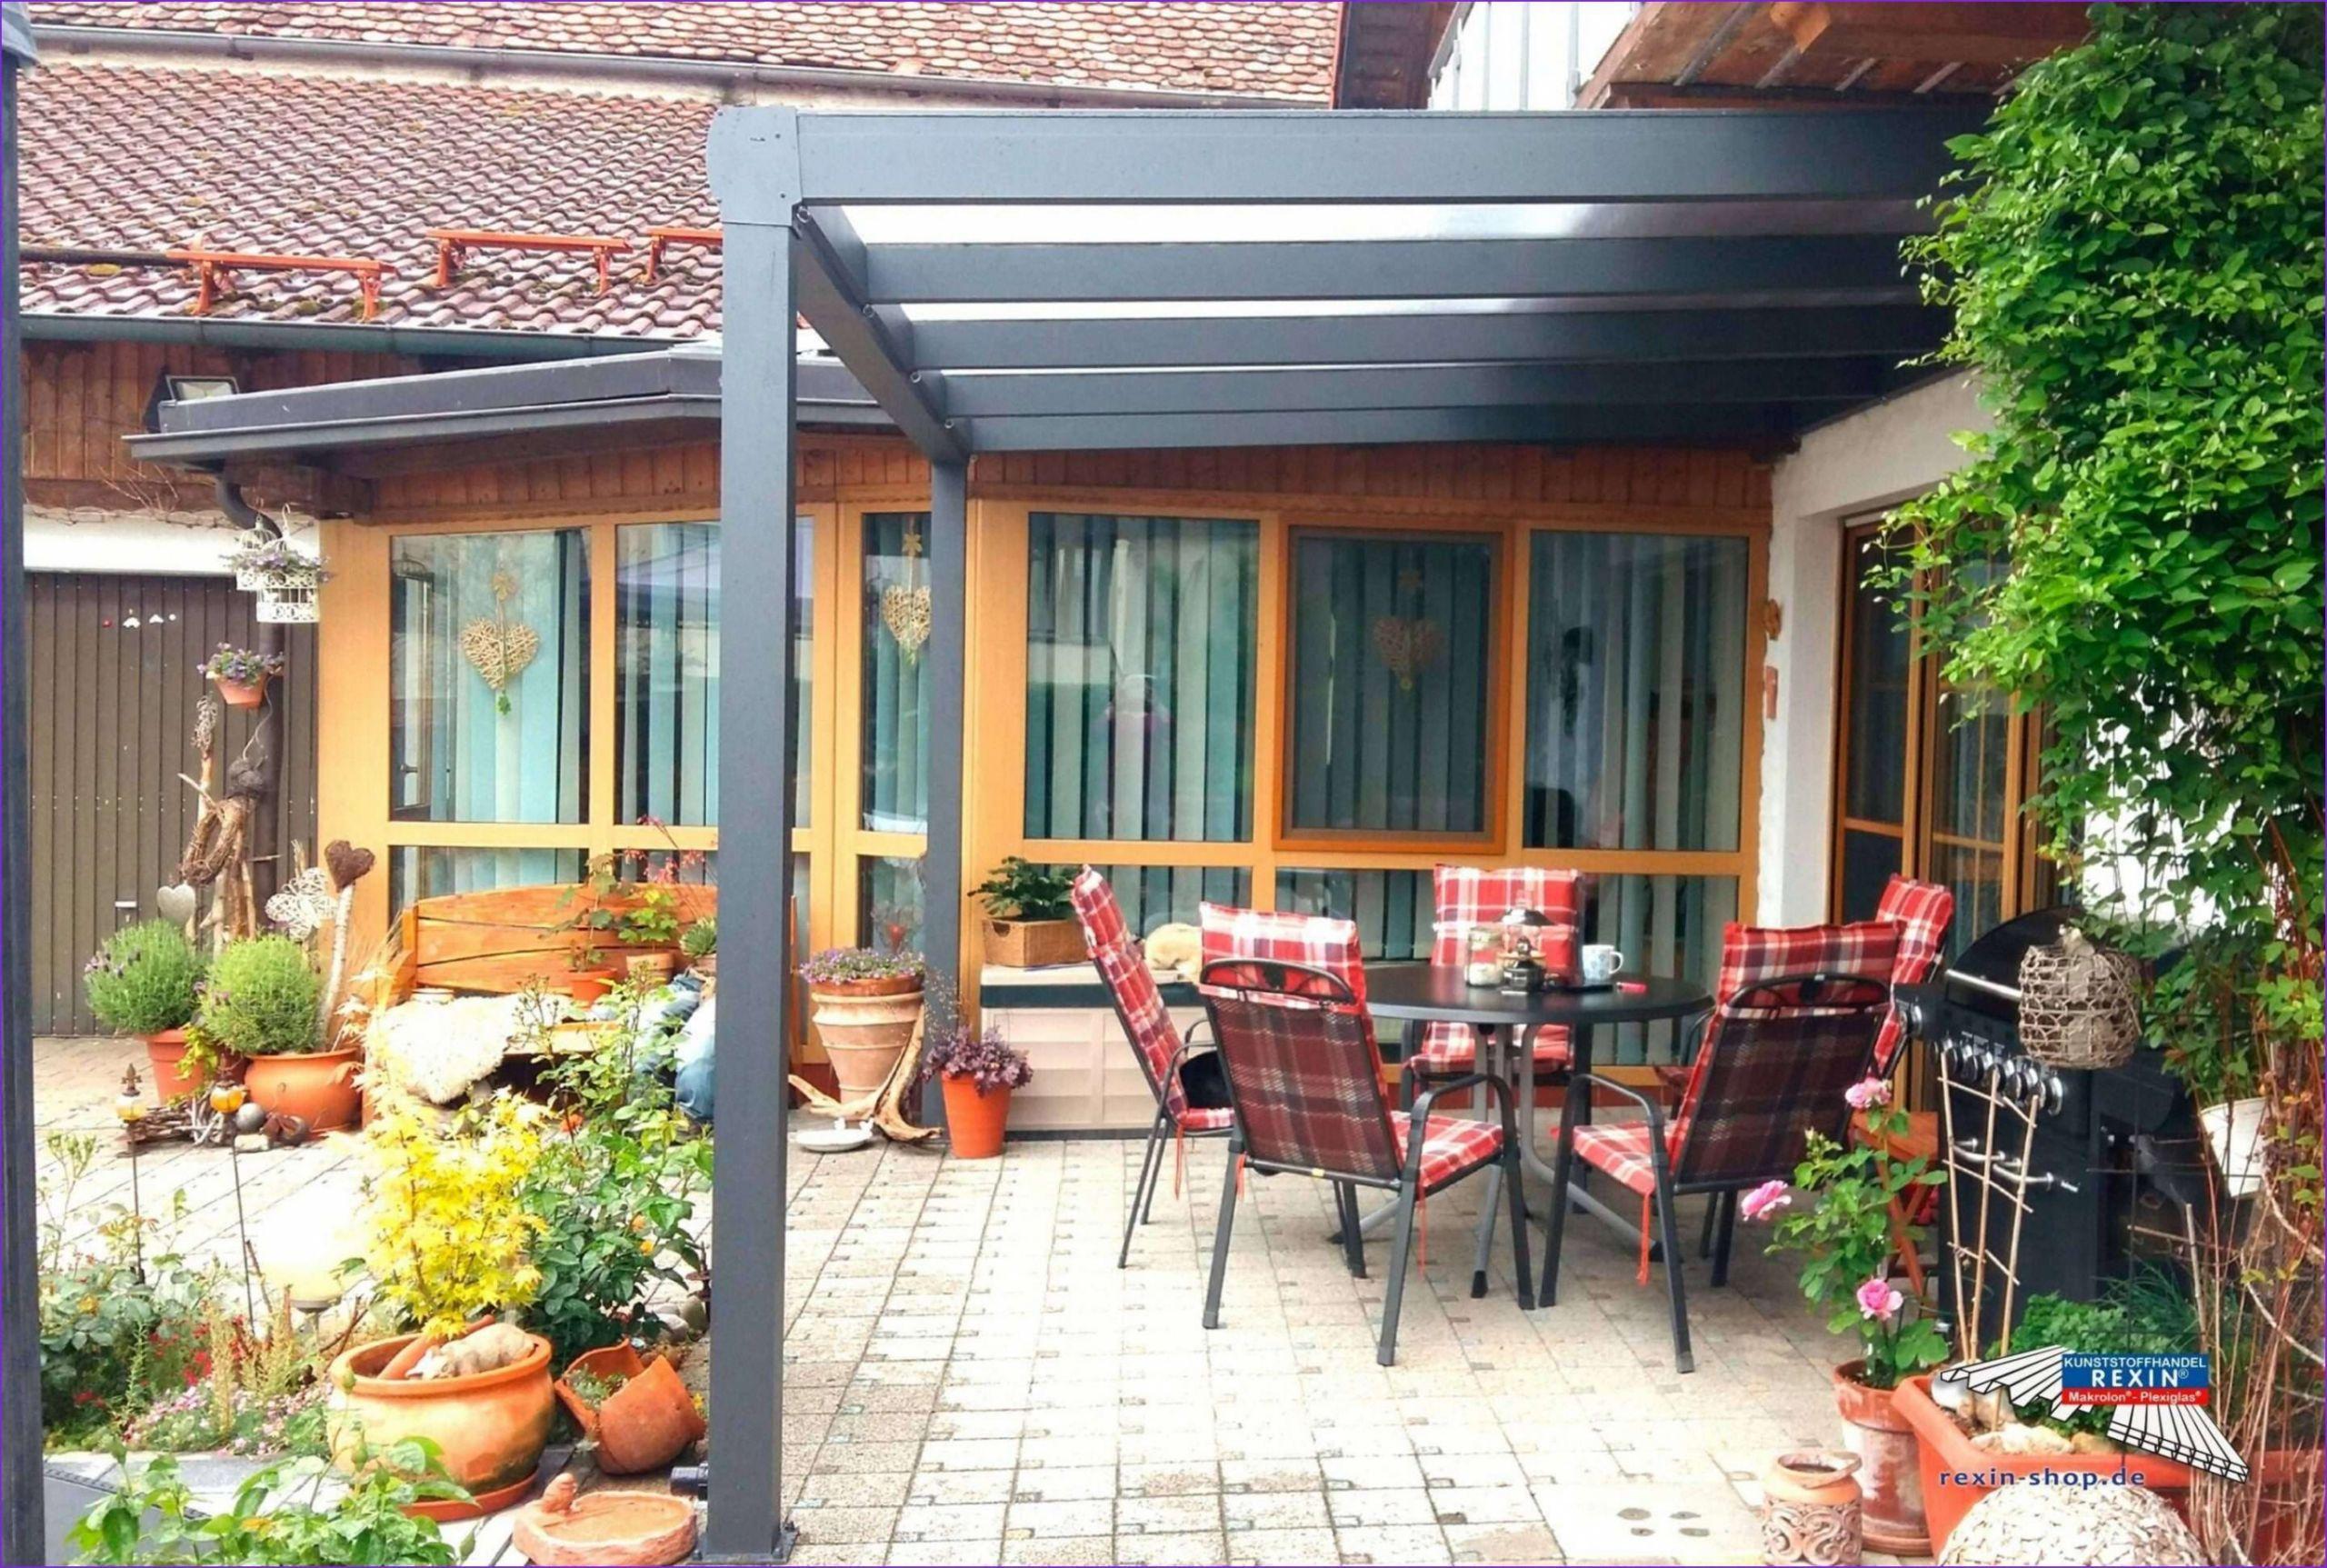 Deko Ideen Aus Holz Selber Machen Luxus Terrassen Deko Selbst Gemacht — Temobardz Home Blog